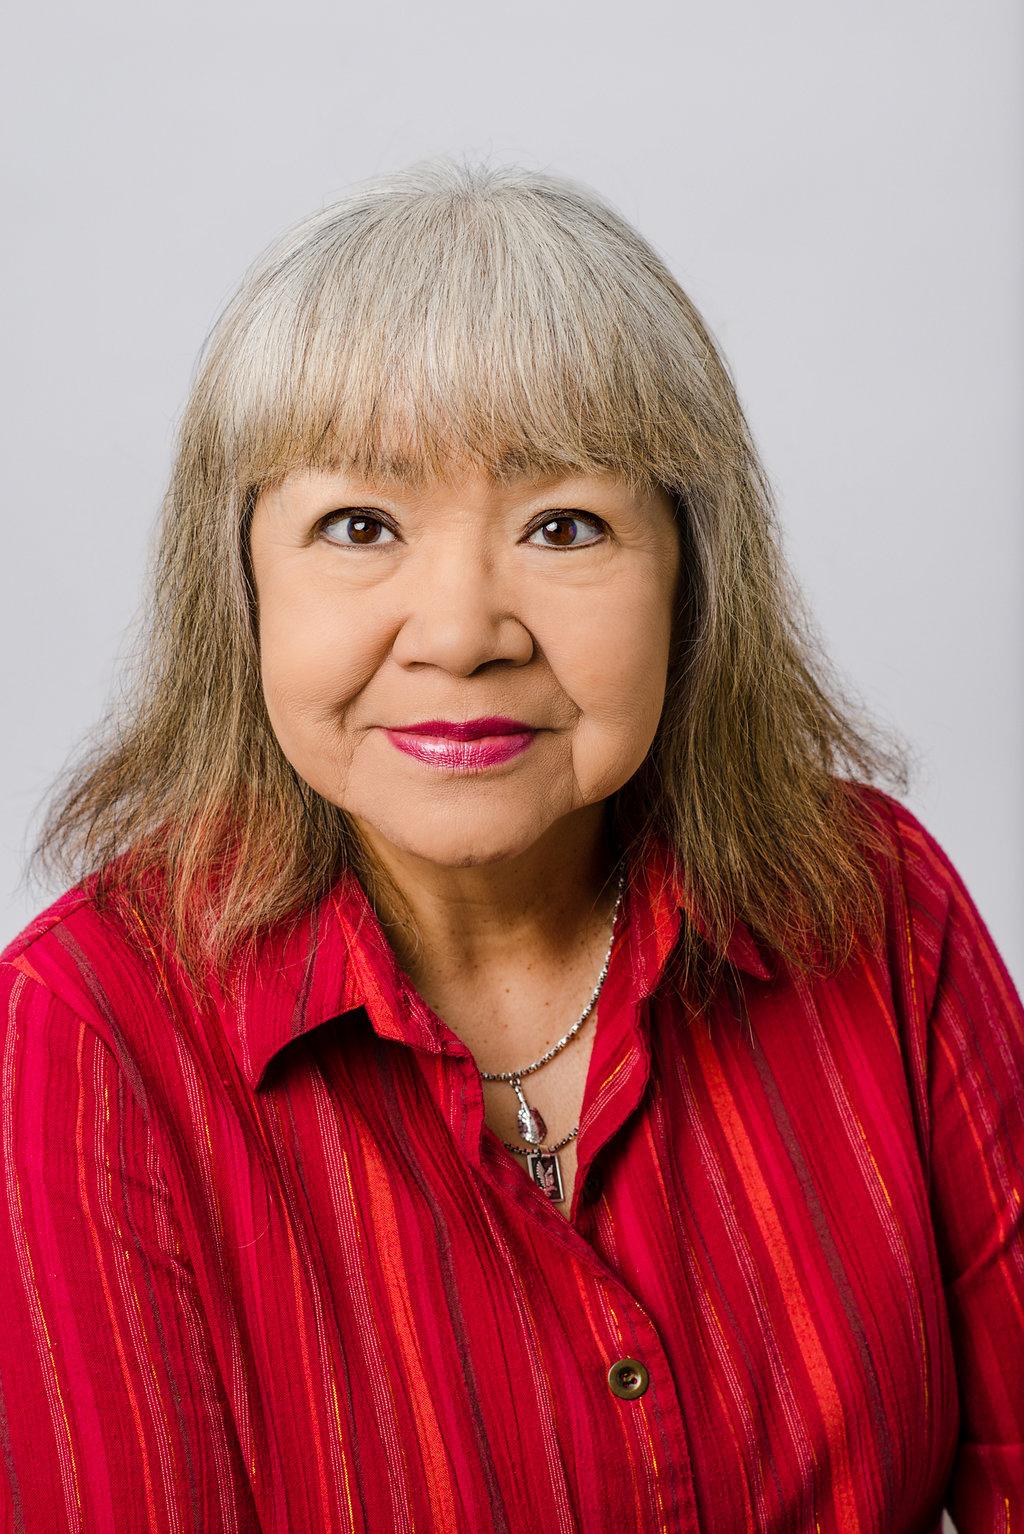 Cheryle Partridge